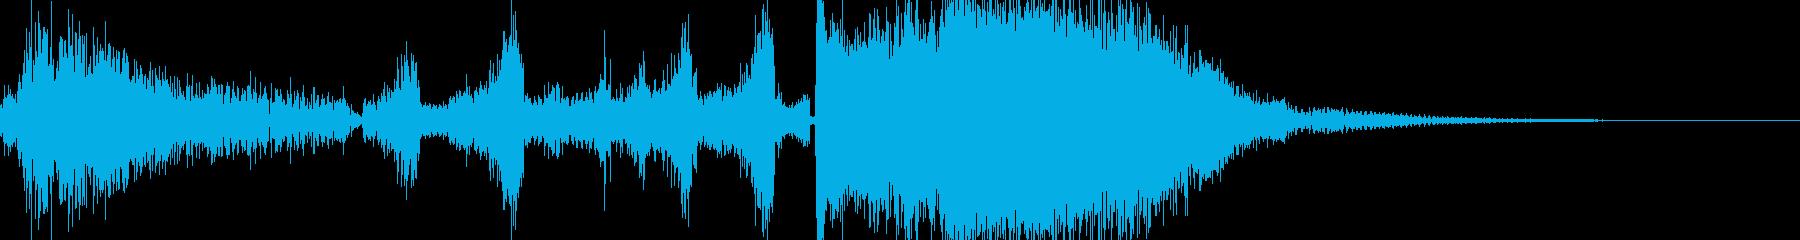 チャージビームの再生済みの波形